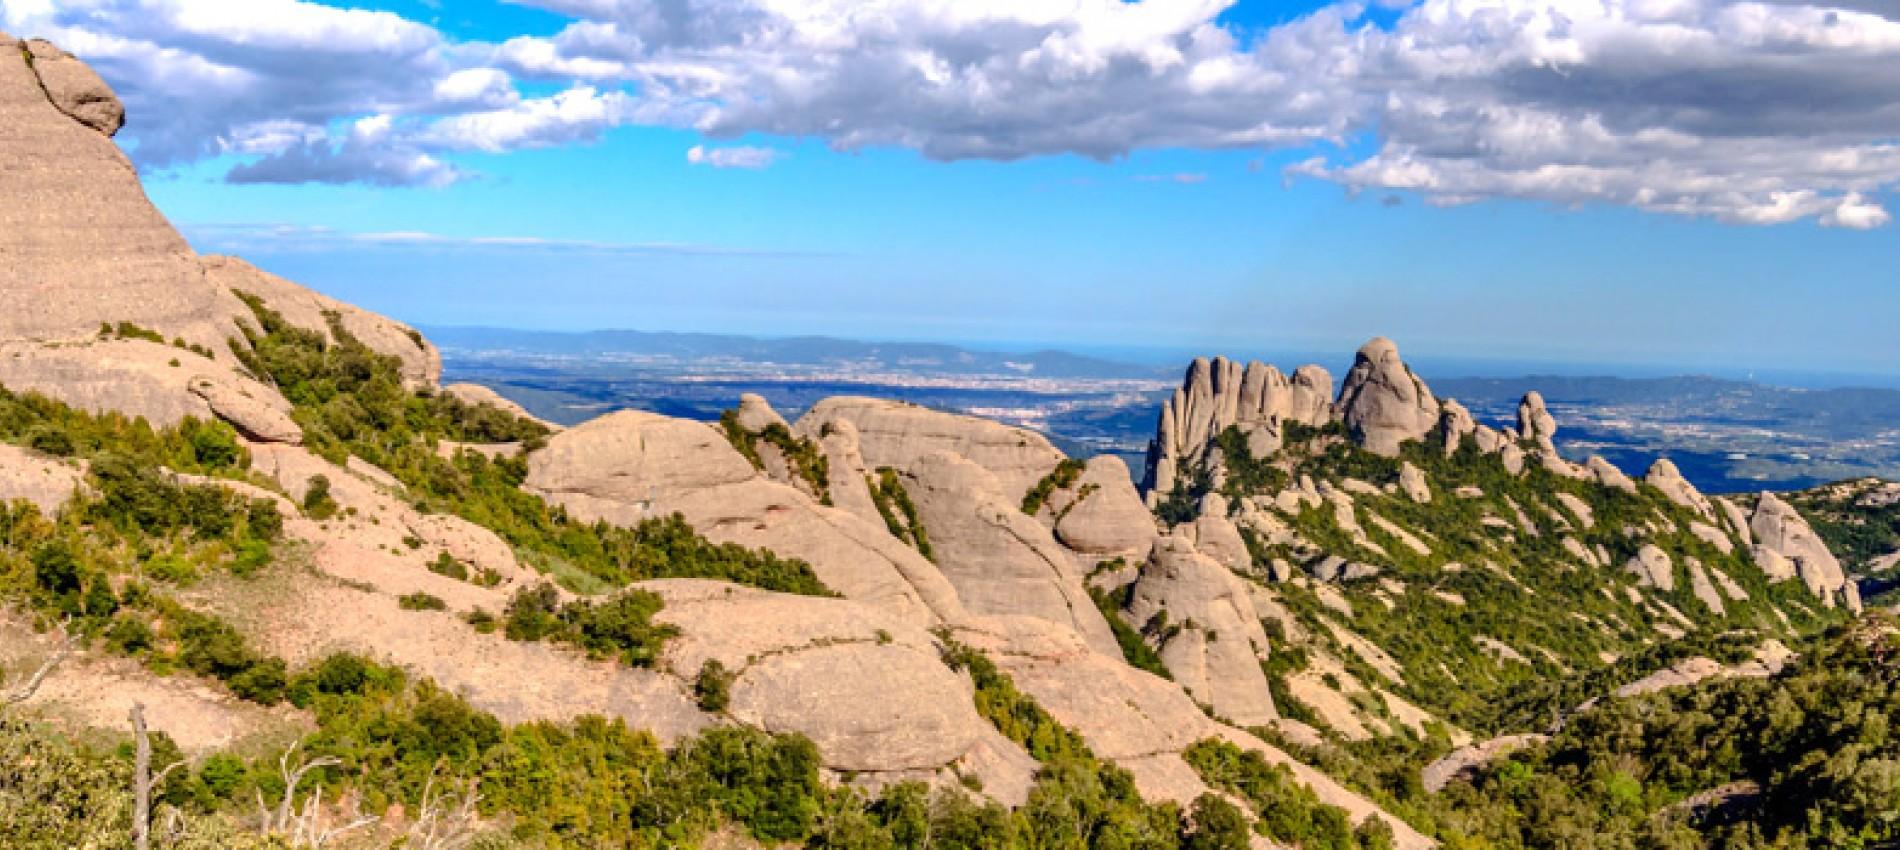 Massif de Montserrat Catalogne